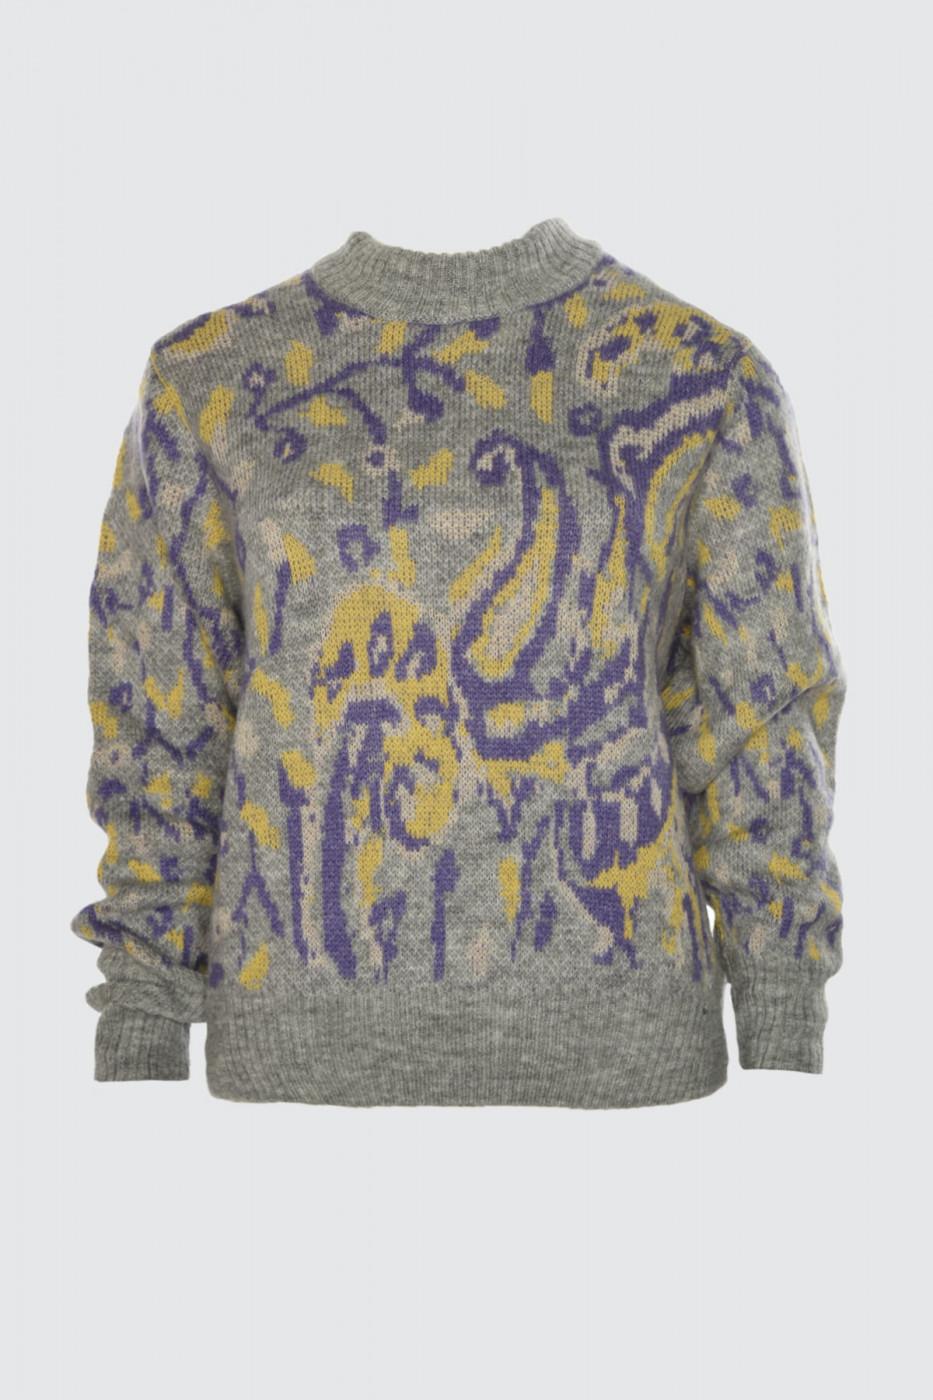 Trendyol Gray Shawl Patterned Knitwear Sweater